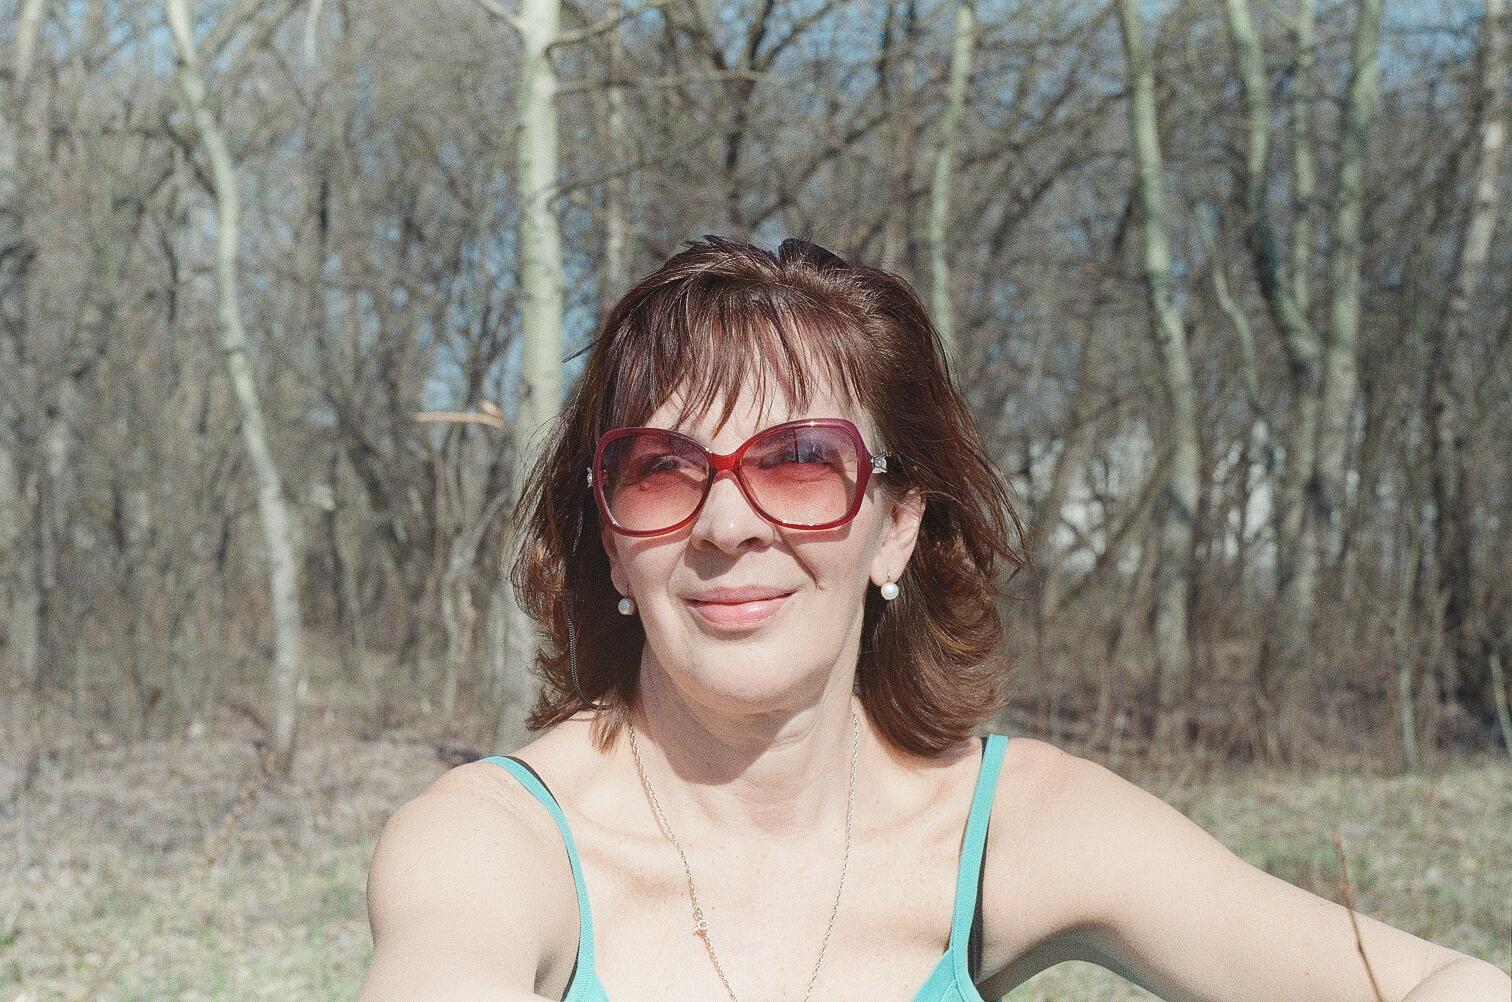 Анна Носова принимает солнечные ванны ранней весной на Трухановом острове